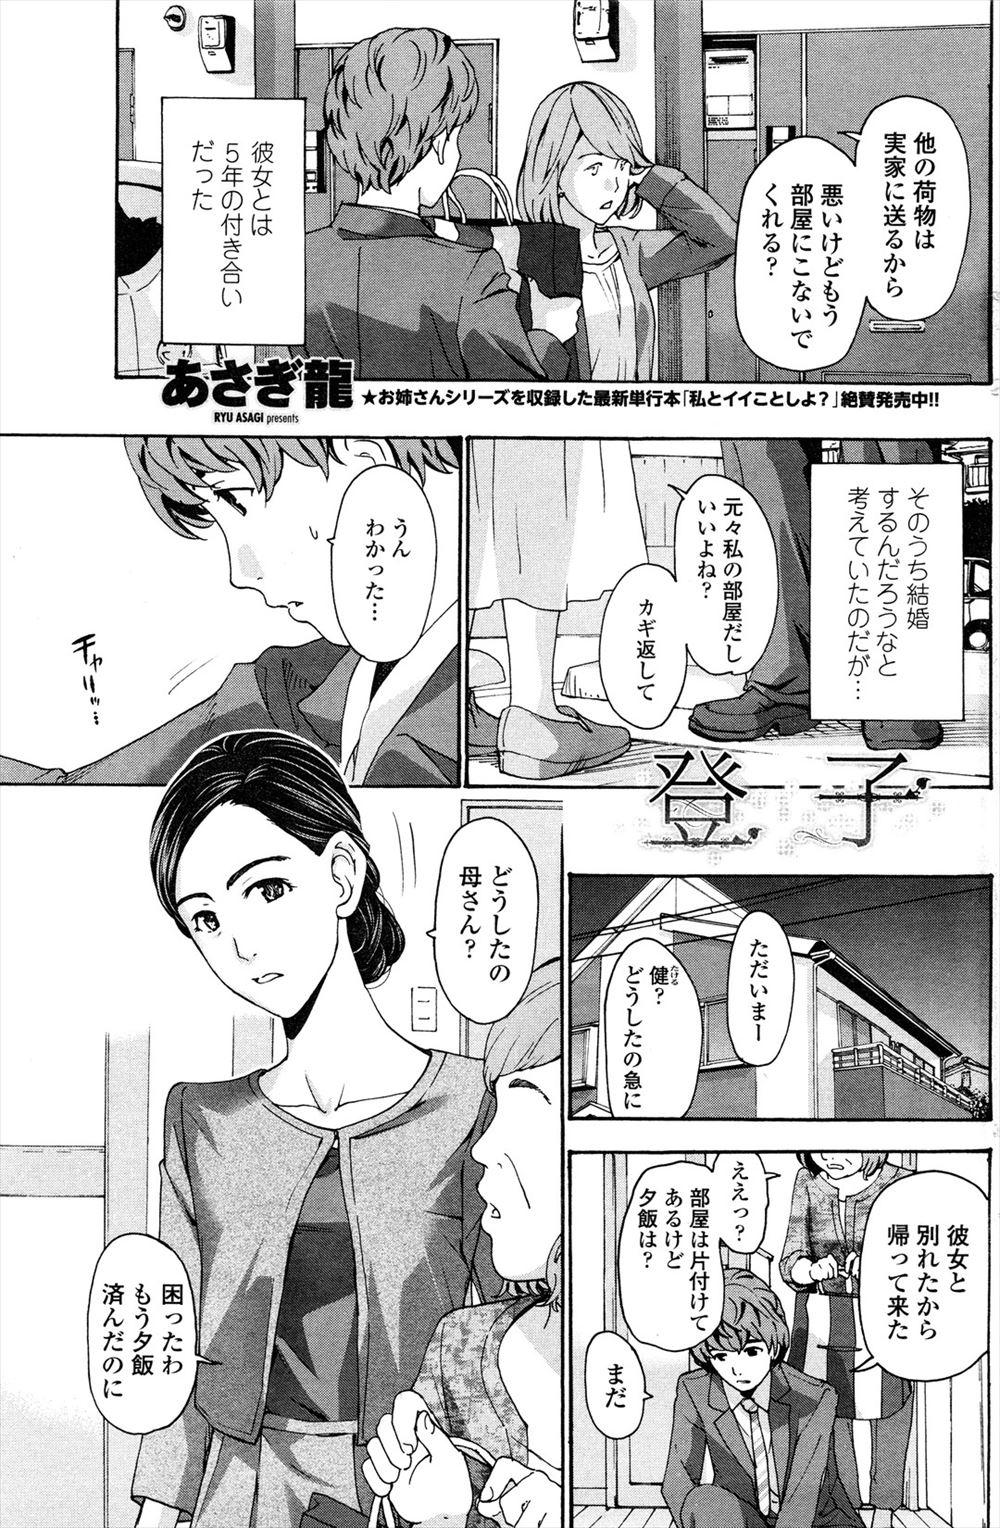 【エロ漫画・エロ同人誌】彼女と別れて実家に帰ったらアラフォーの姉とエッチな関係になったンゴwww (1)